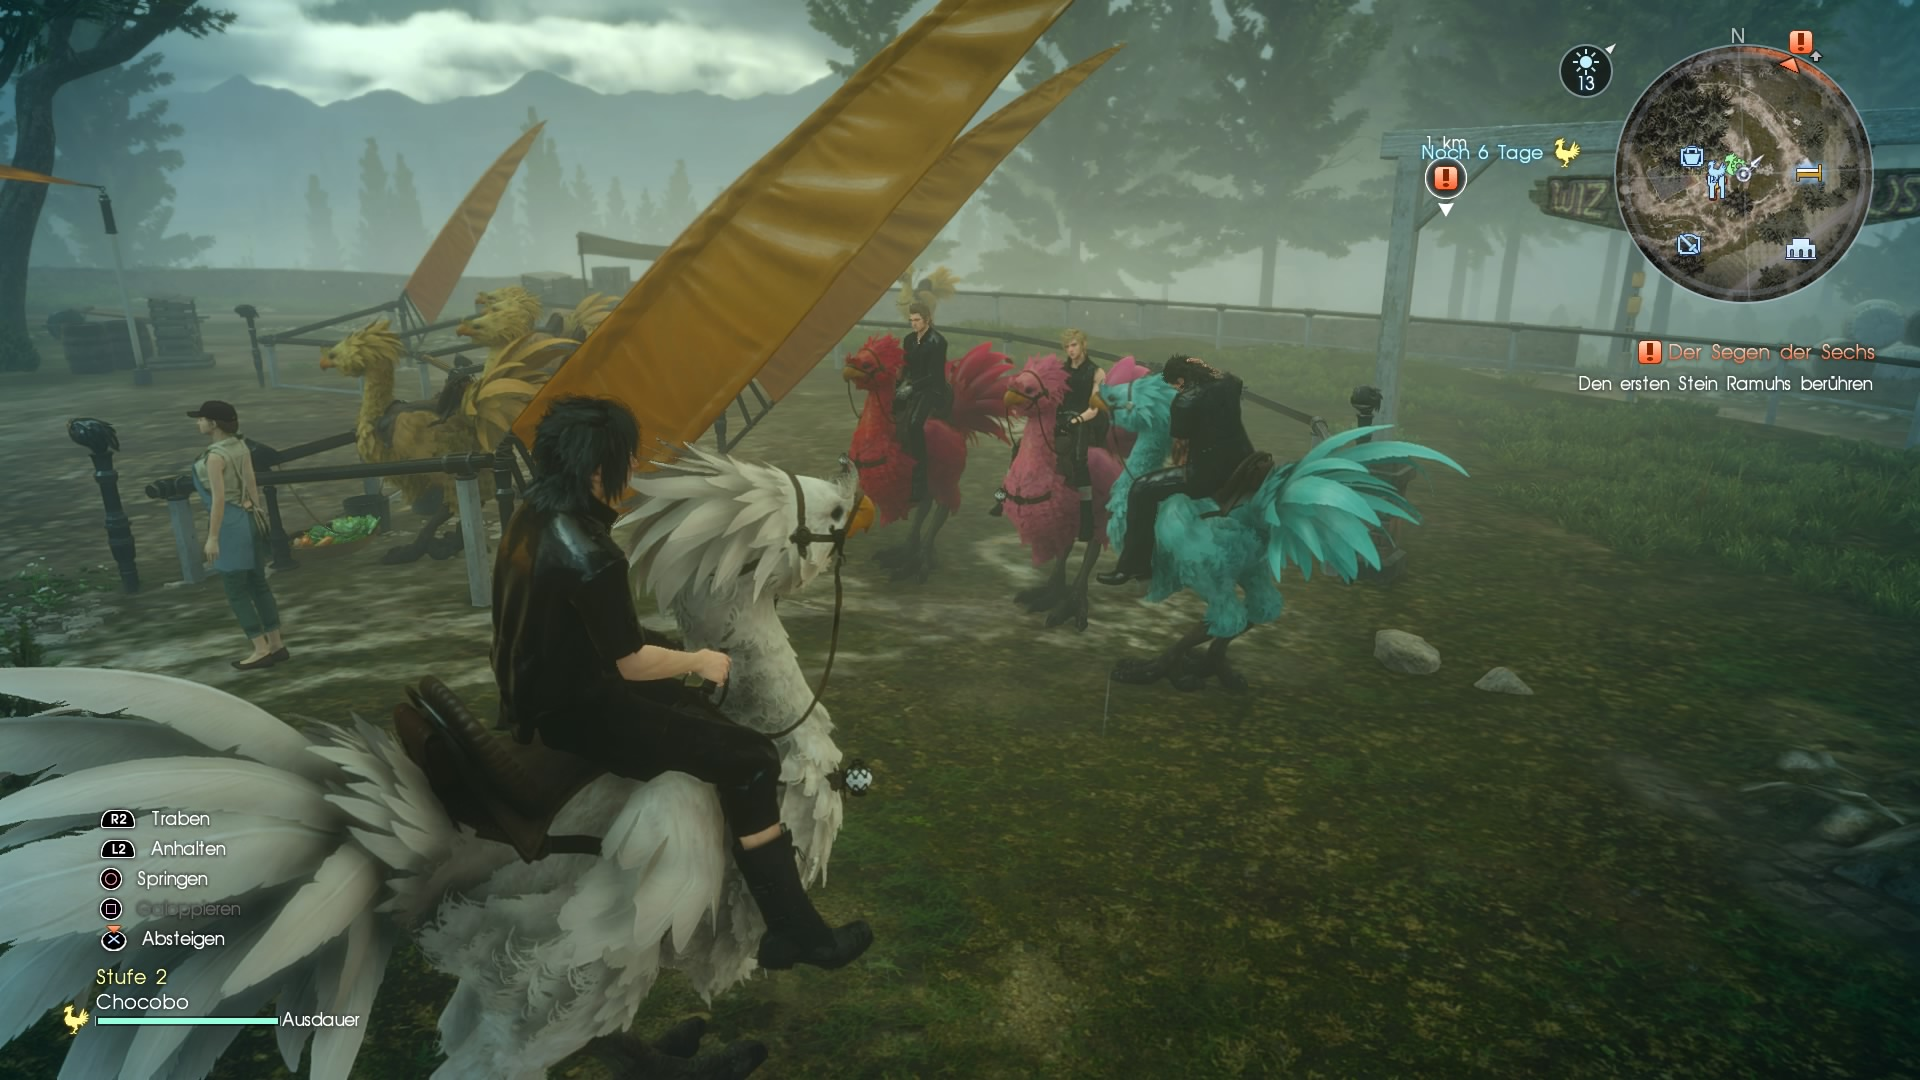 Ich und meine Gang machen die Wildnis unsicher!